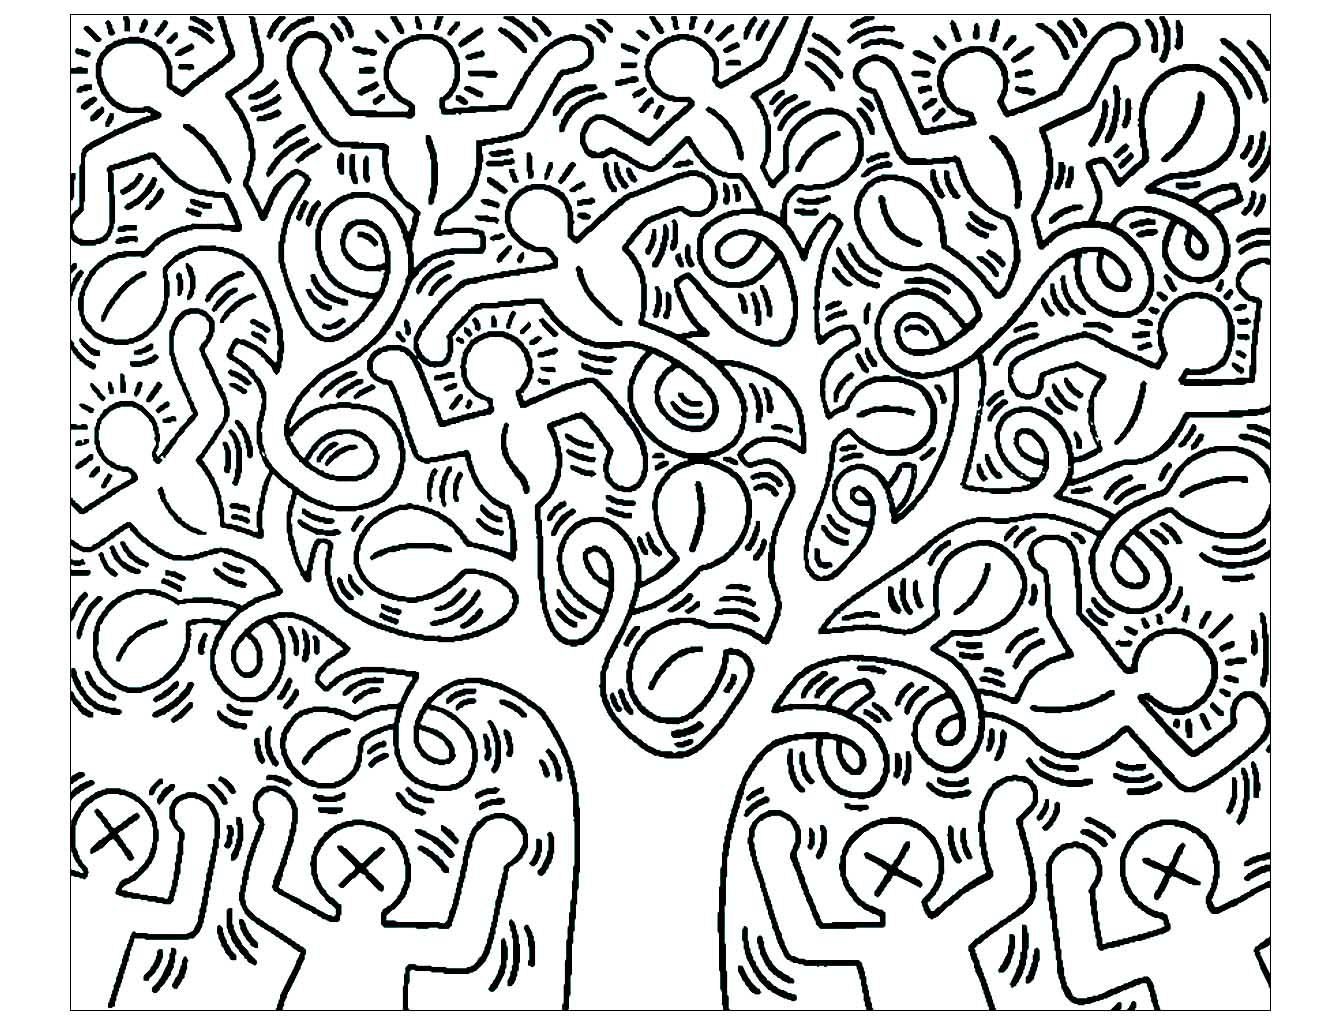 Un arbre composé des fameux personnages de l'artiste